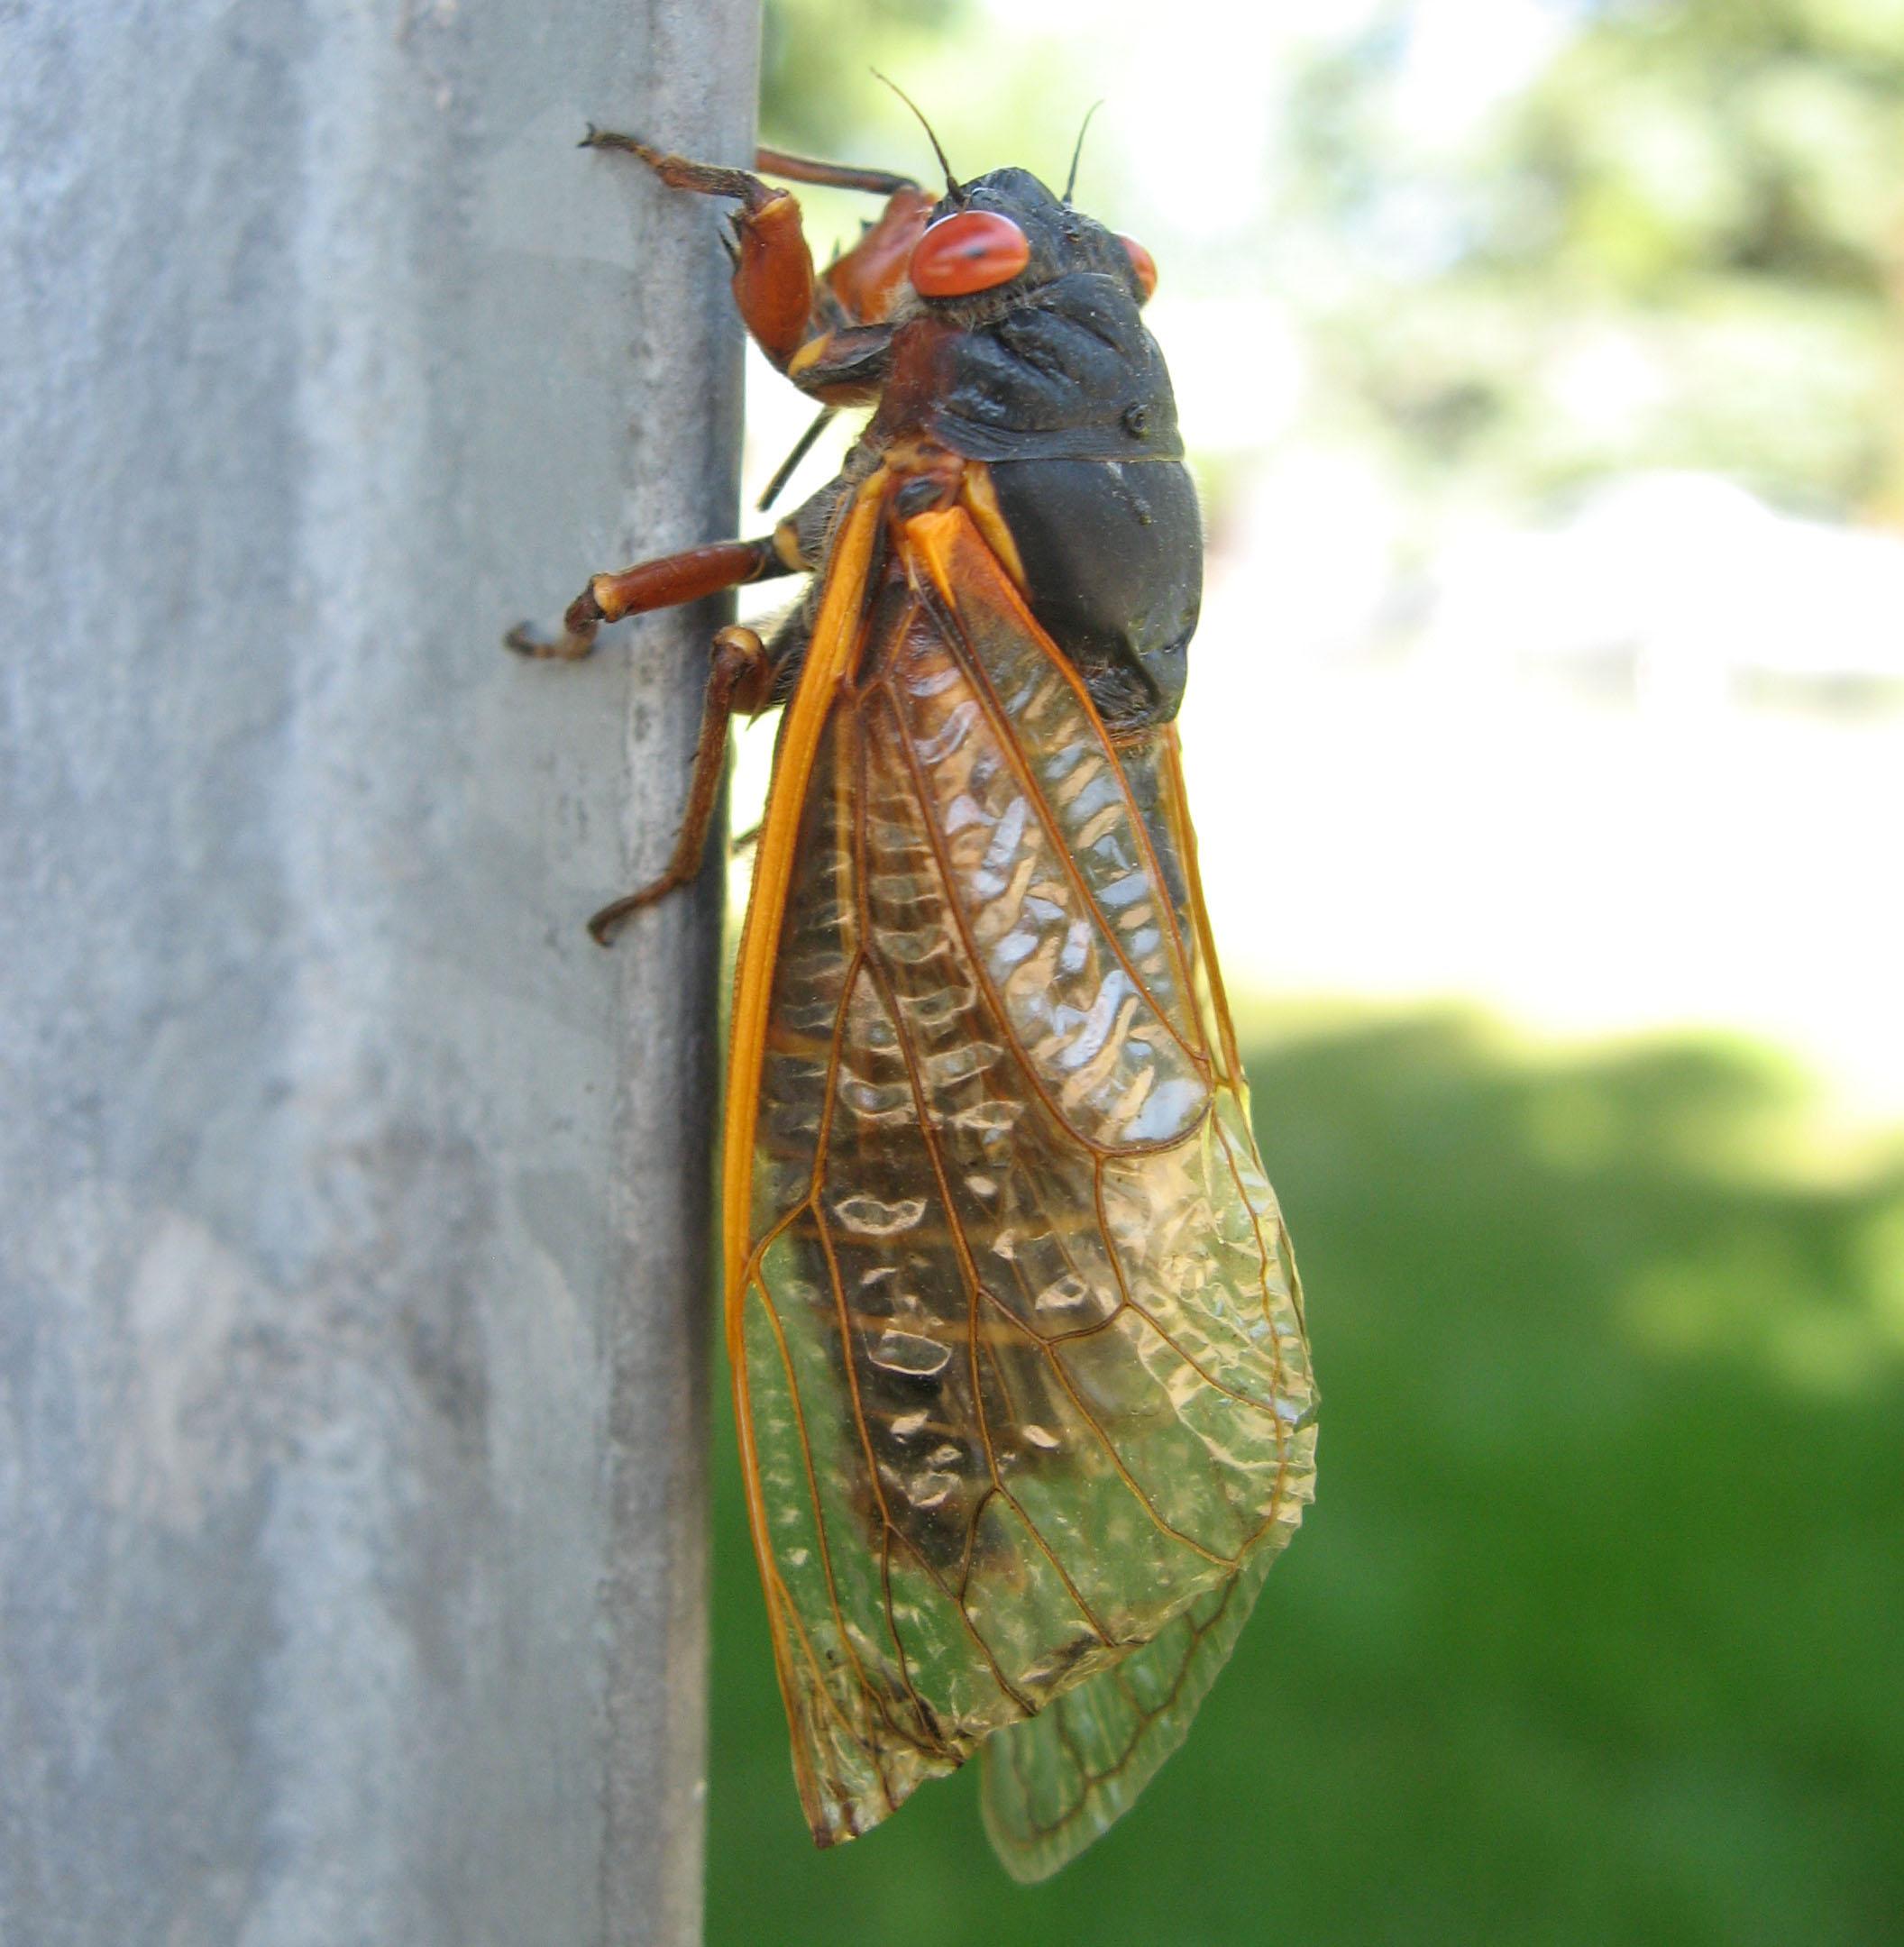 periodical cicadas 17 year